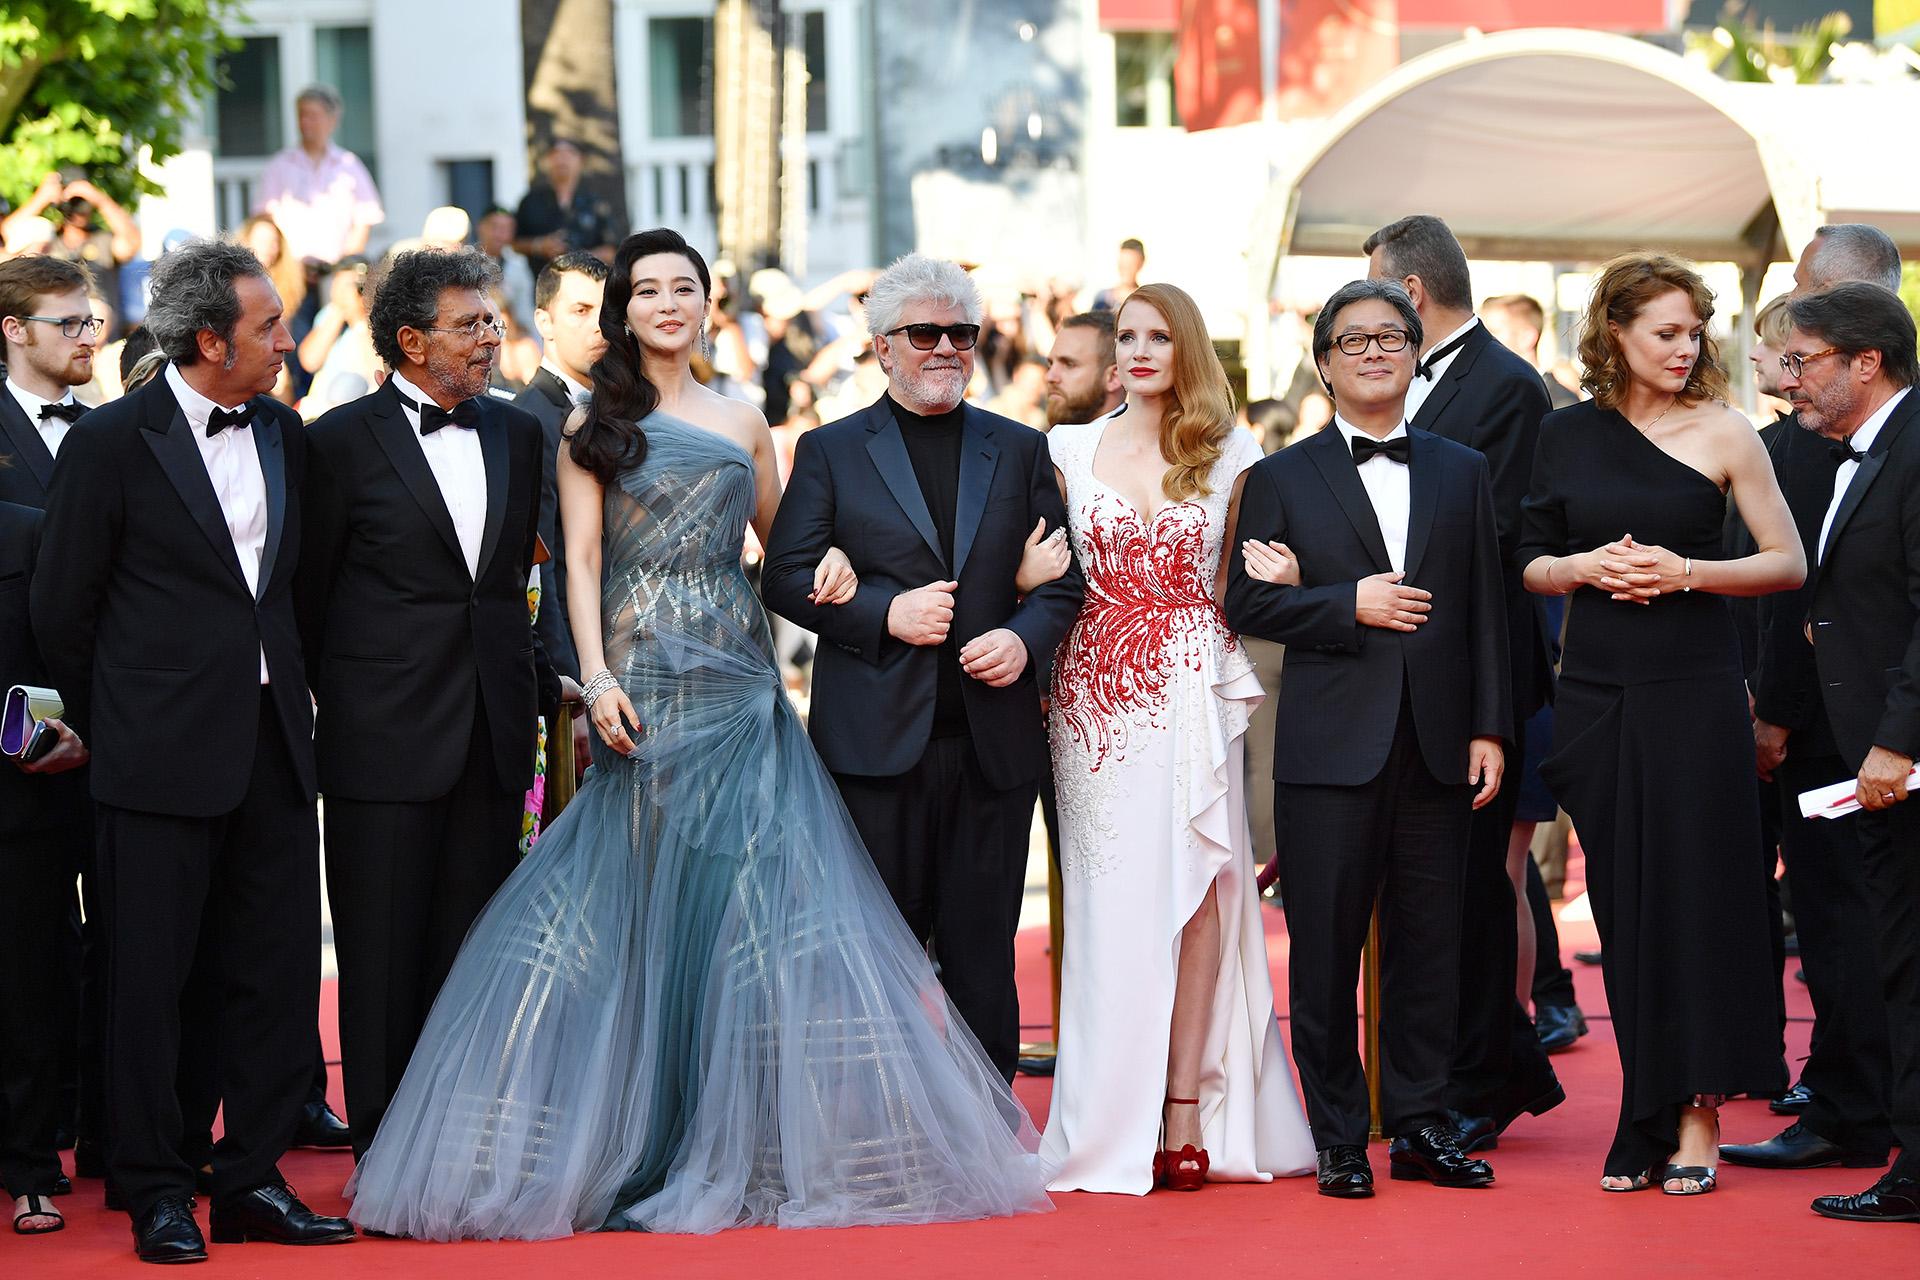 Los jurados de la edición 70 del Festival de Cannes: Paolo Sorrentino, Gabriel Yared, Fan Bingbing, Pedro Almodovar, Jessica Chastain, Park Chan-wook yMaren Adeen el cierre del certamen